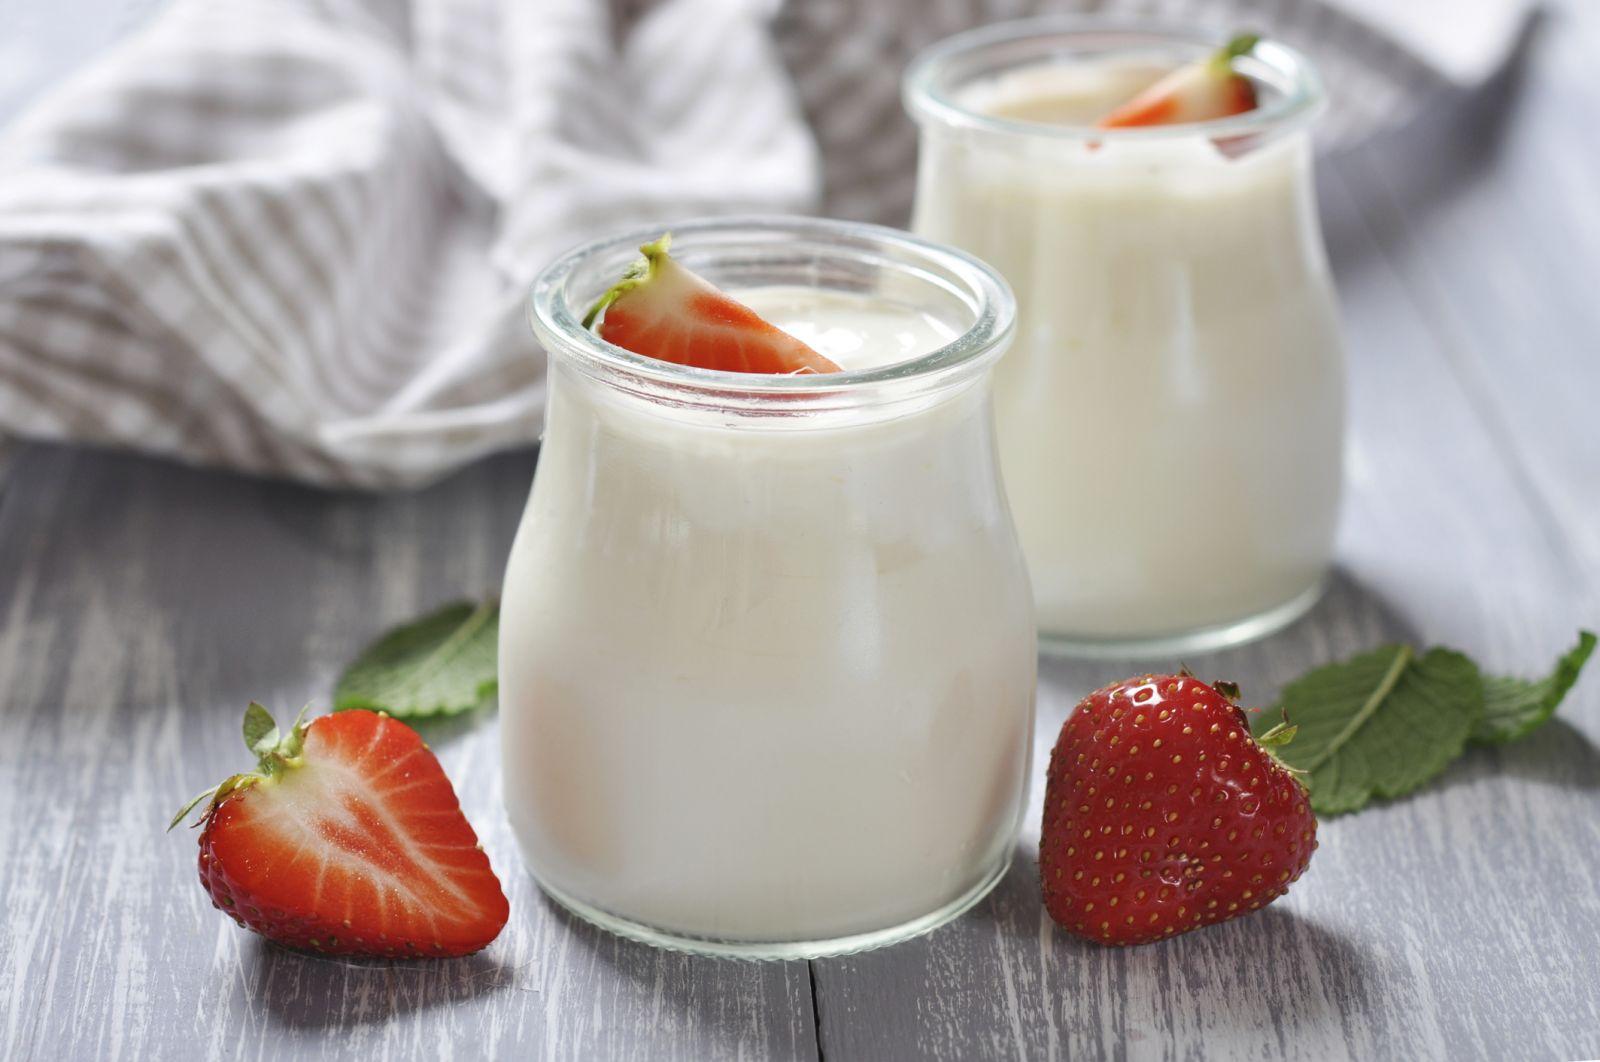 Tiết lộ 7 cách làm sữa chua tại nhà chỉ với 7 phút